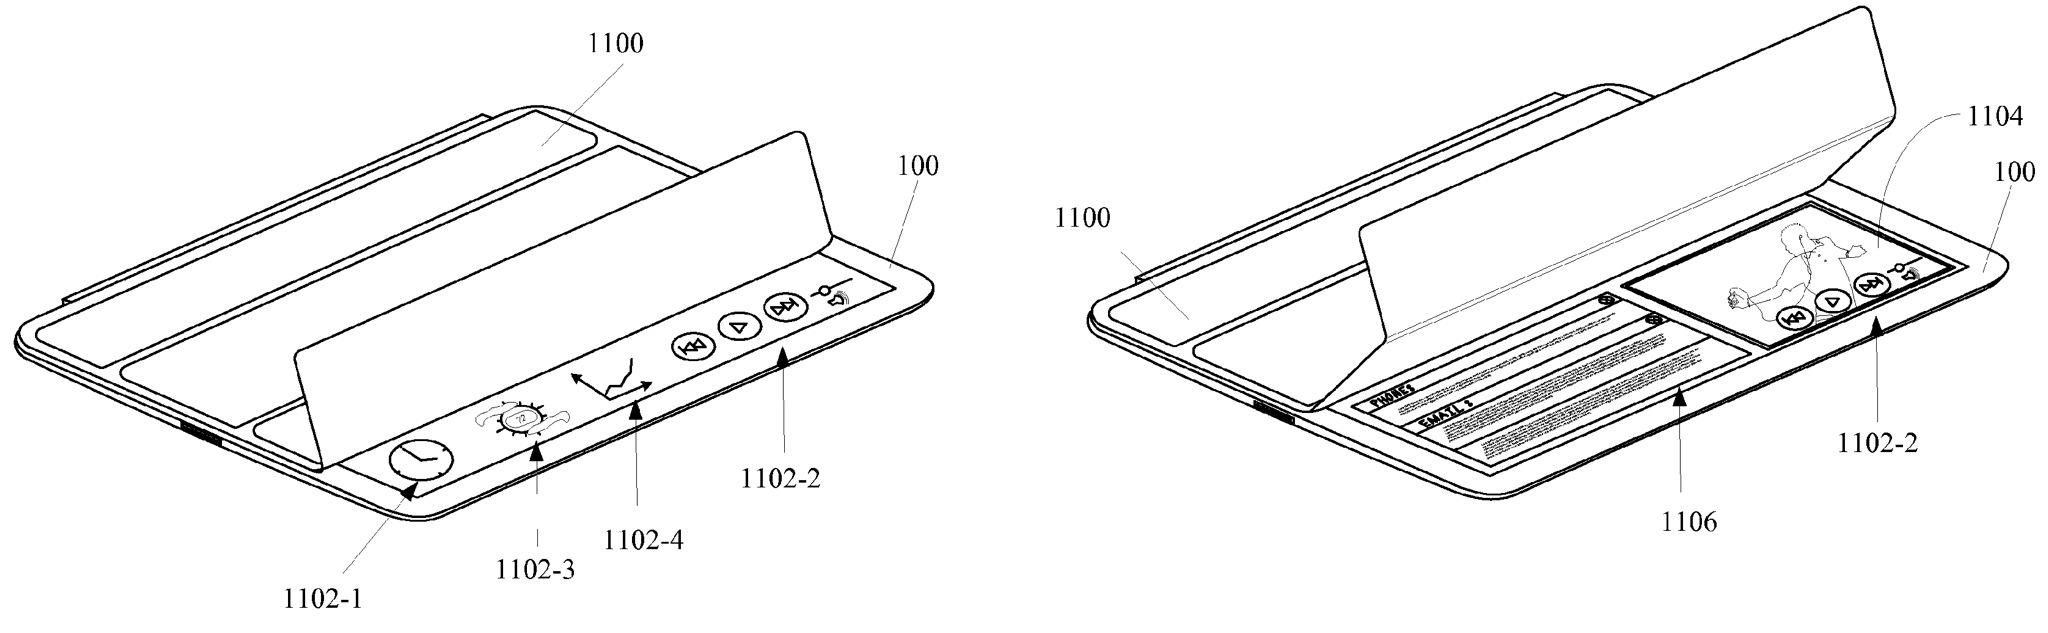 Mela seethrough Smart Cover di brevetto (disegno 001)